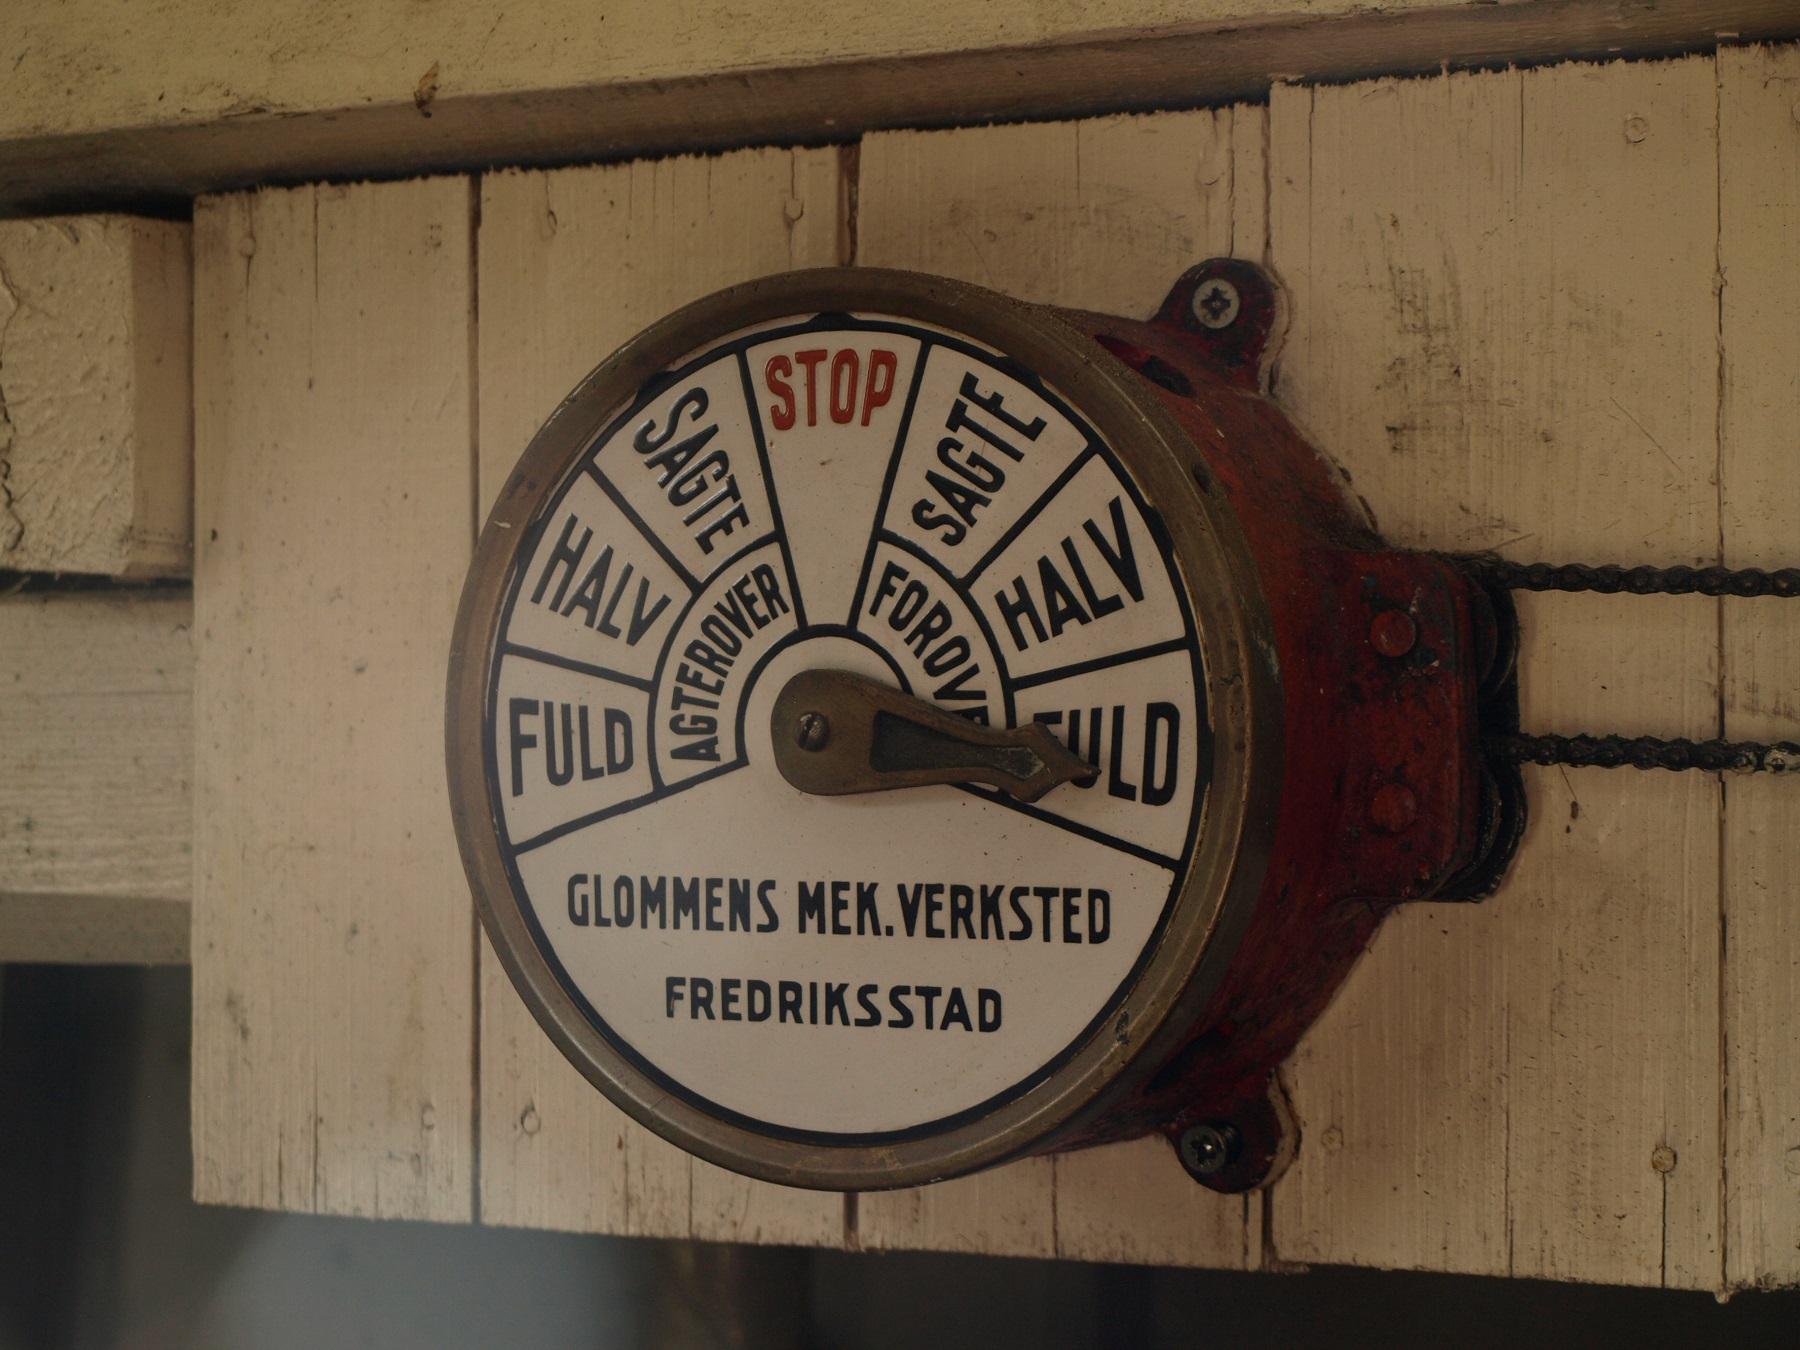 Fuld fart forover! Det er ti knop det Foto: Bodil Andersson, Østfoldmuseene Halden historiske Samlinger